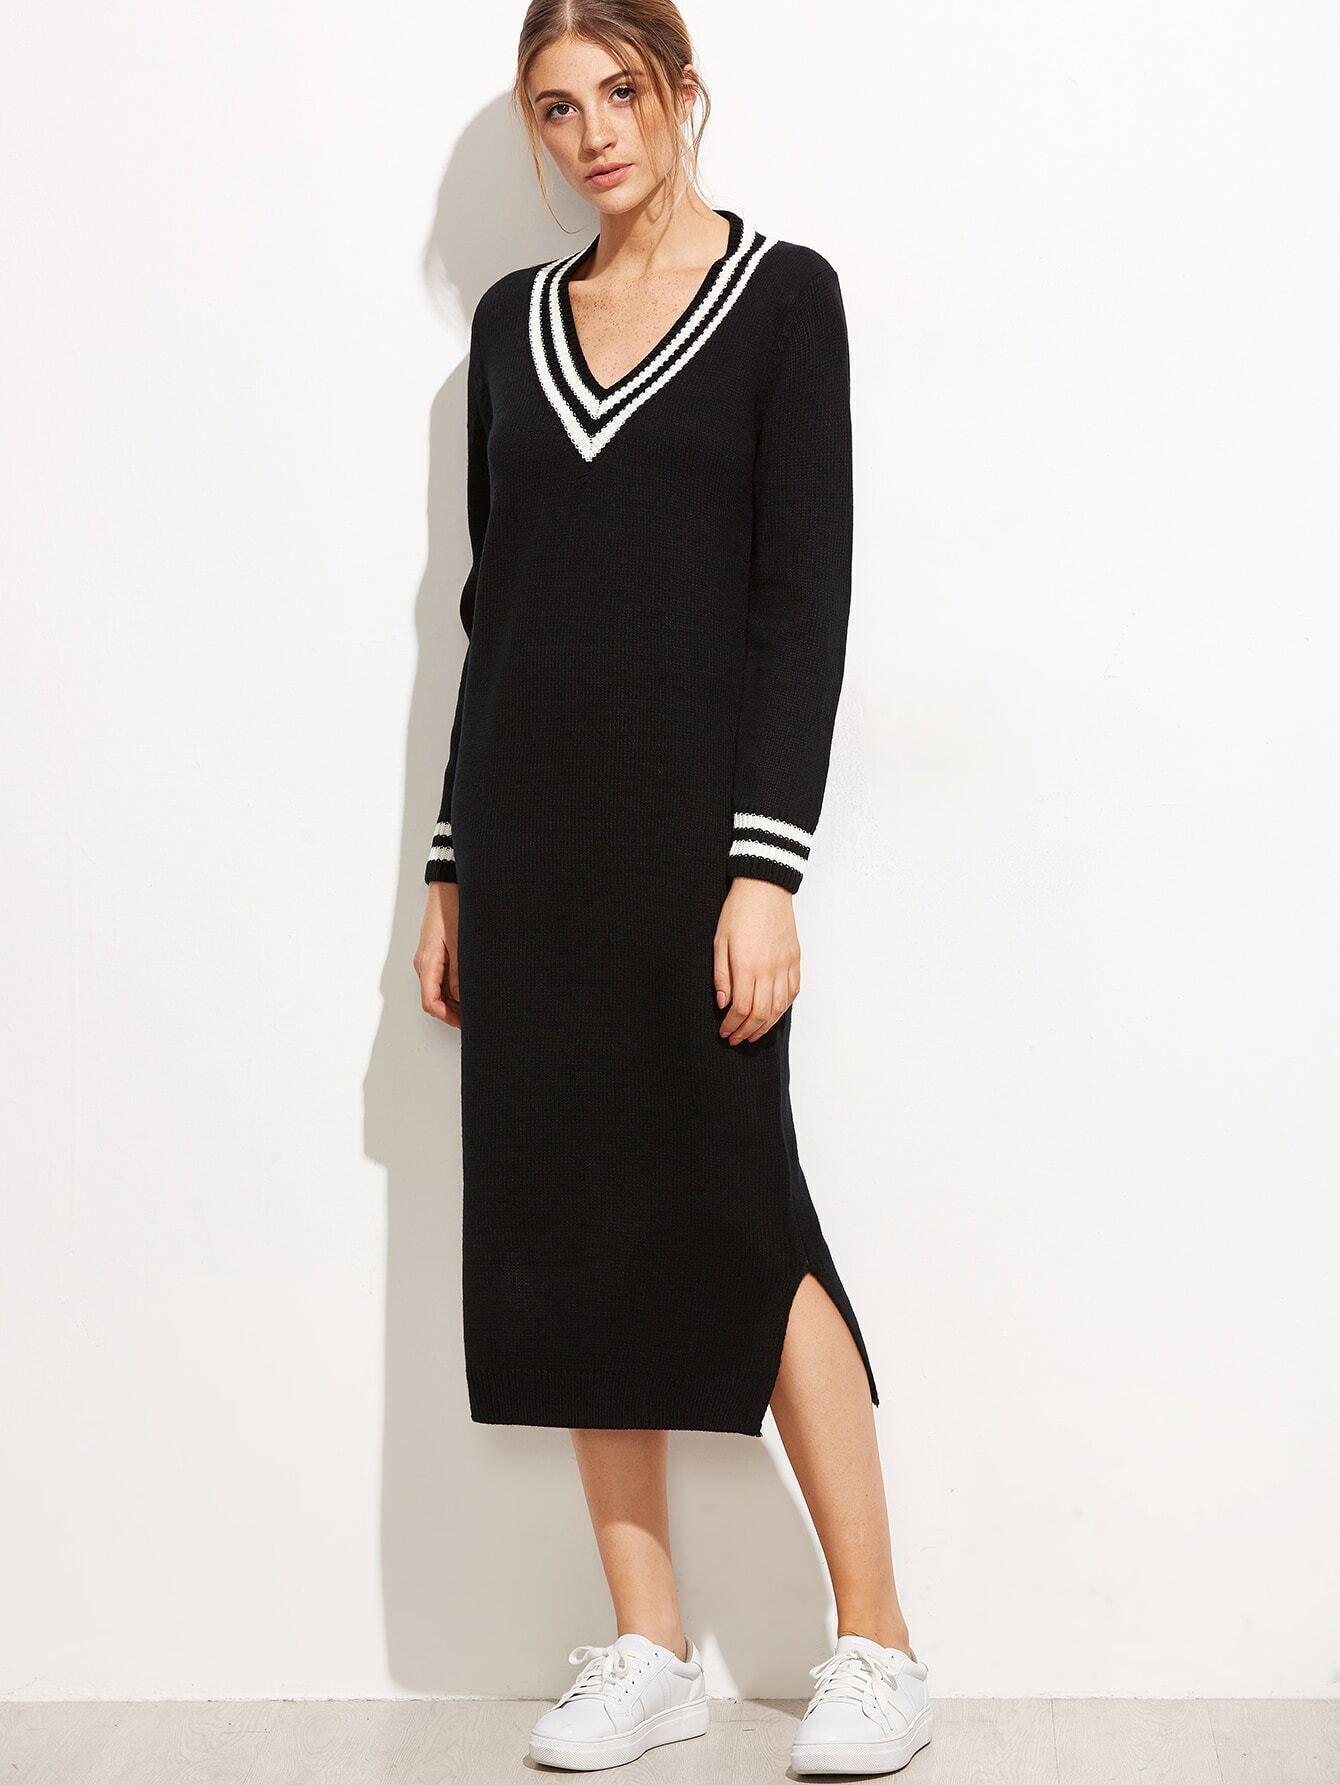 Black V Neck Striped Trim Split Side Sweater Dress RDRE160929105